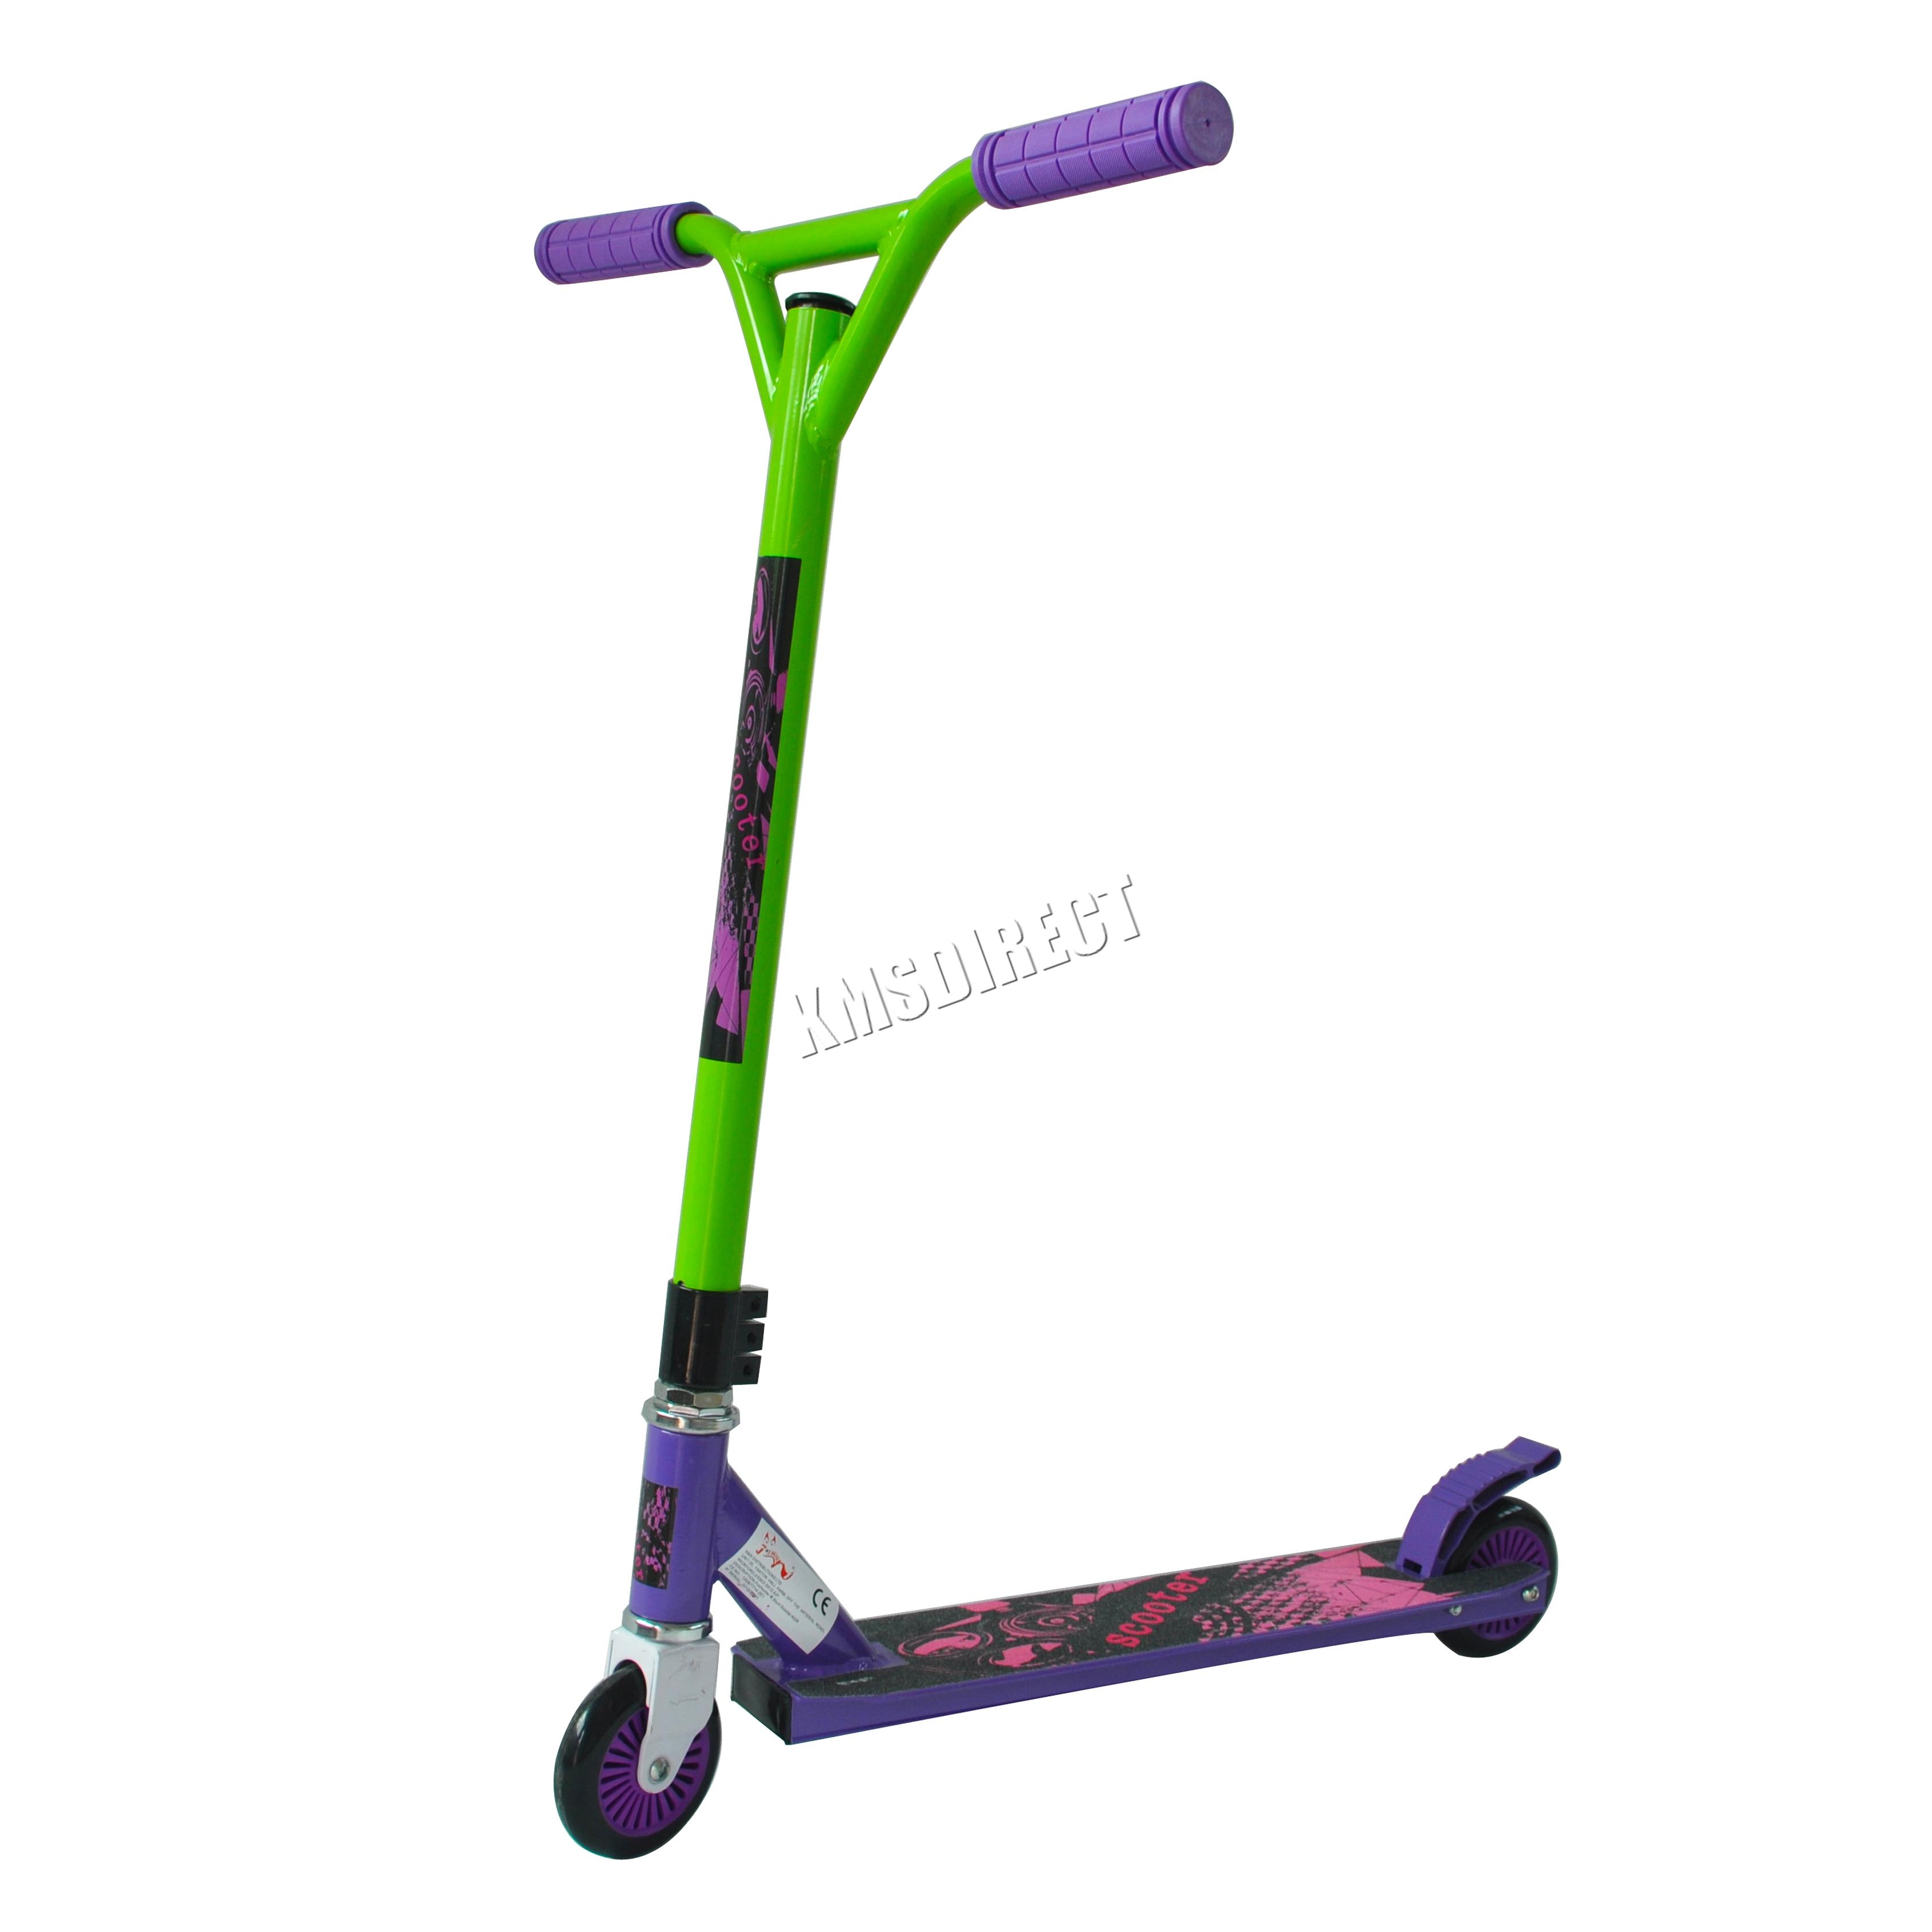 trix k1 kinder stunt scooter sto ride skate f r kinder. Black Bedroom Furniture Sets. Home Design Ideas